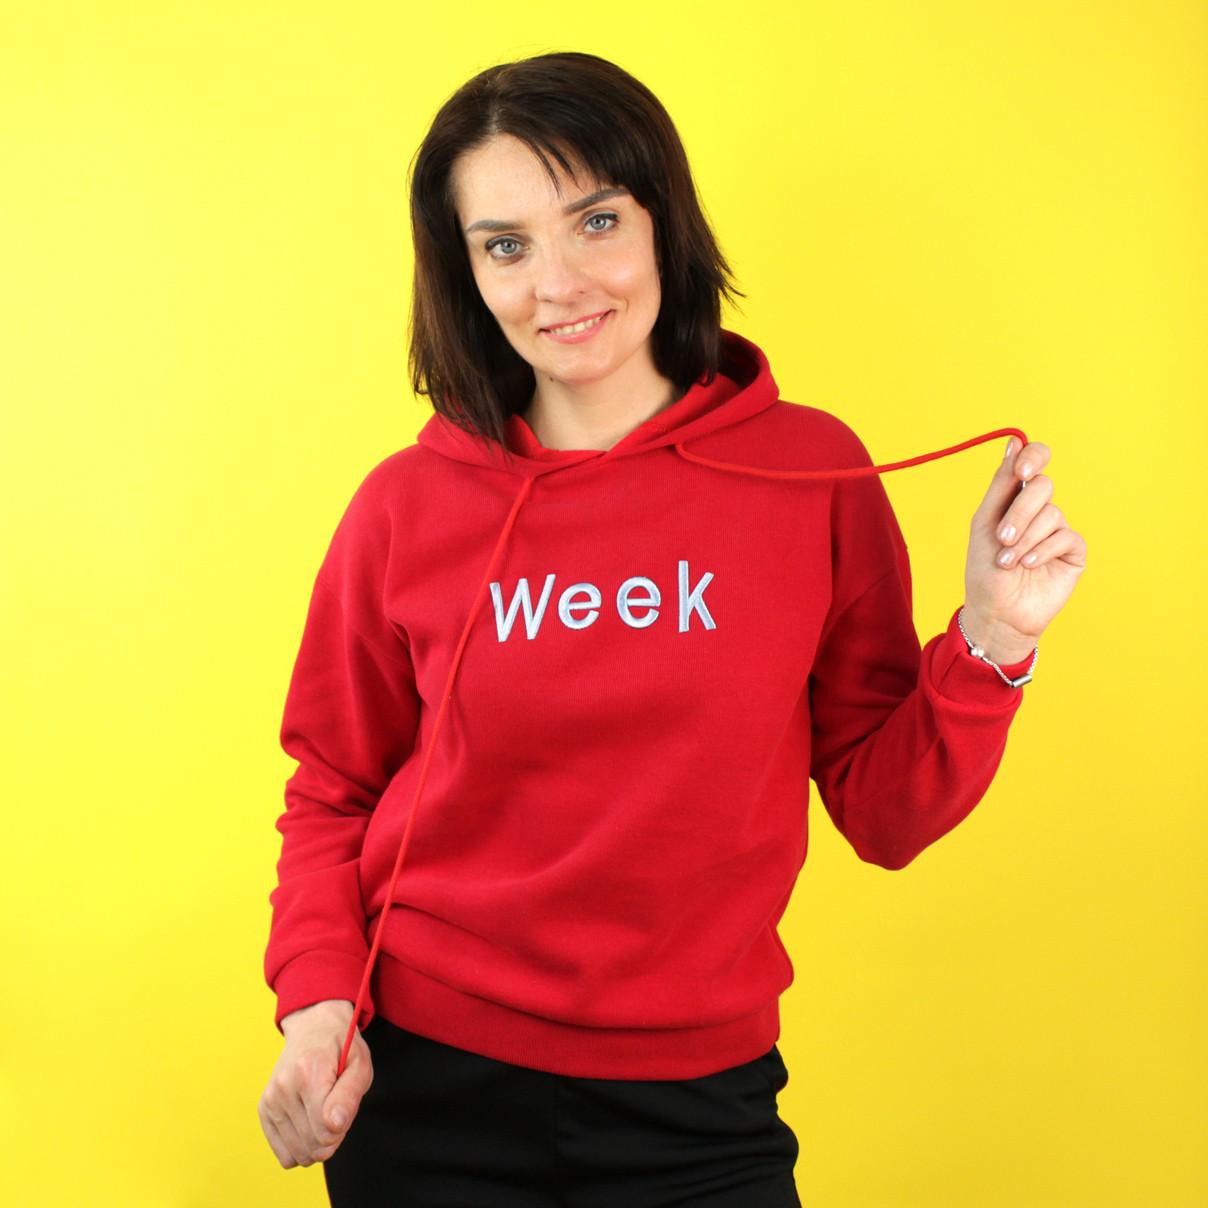 Жіночі худі з вишивкою на червоному однотонні повсякденні жіночі худі з капюшоном Week